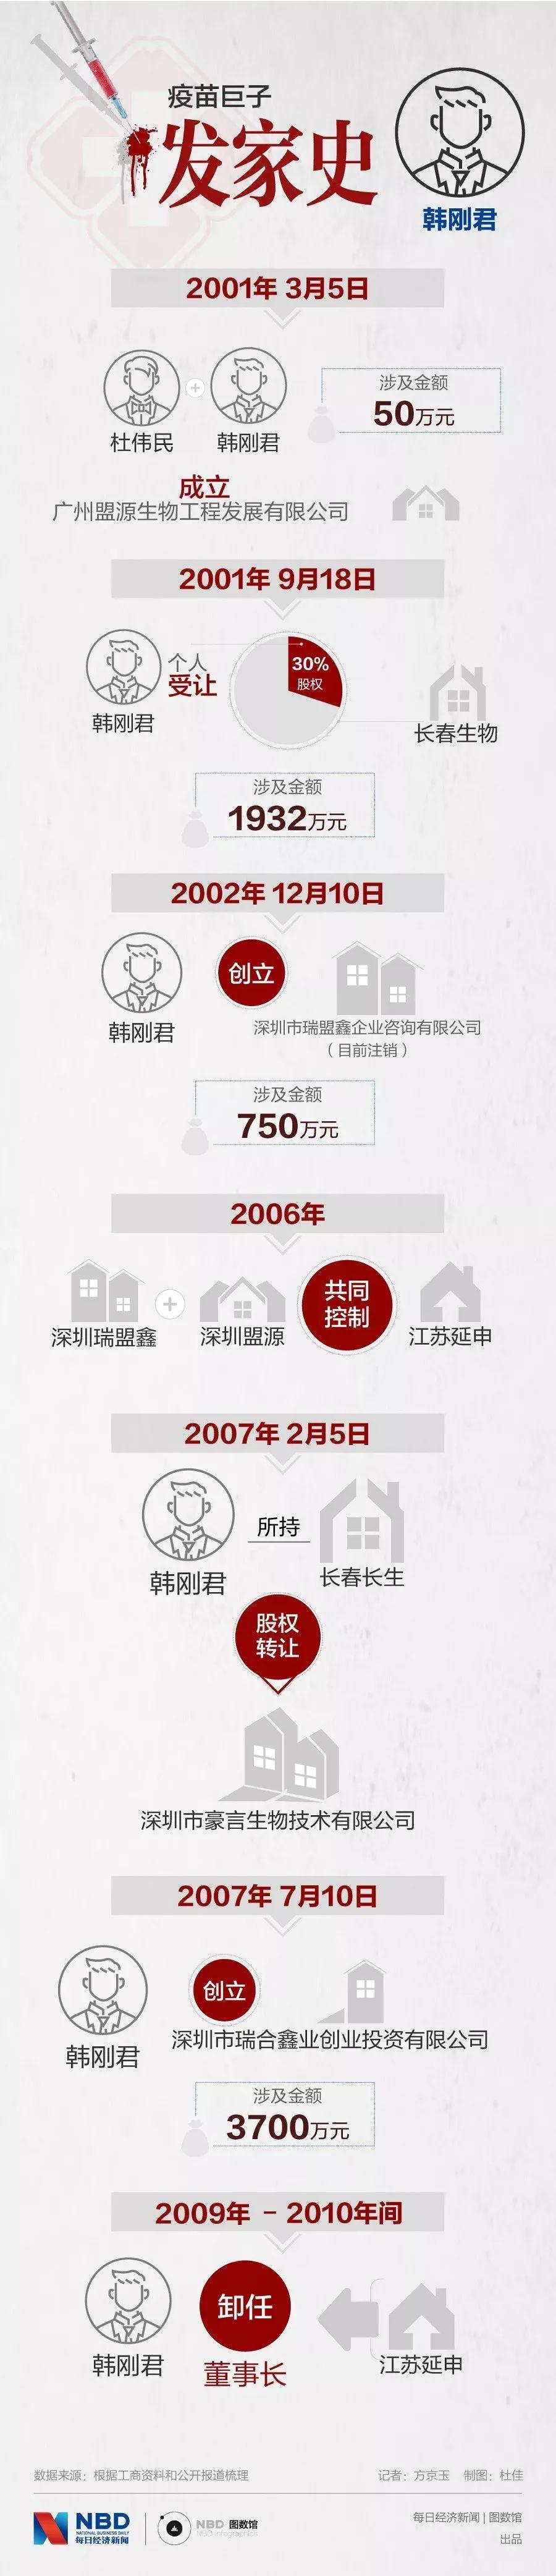 疫苗女王高俊芳:身家67亿,一家三口掌管长生生物_图2-2